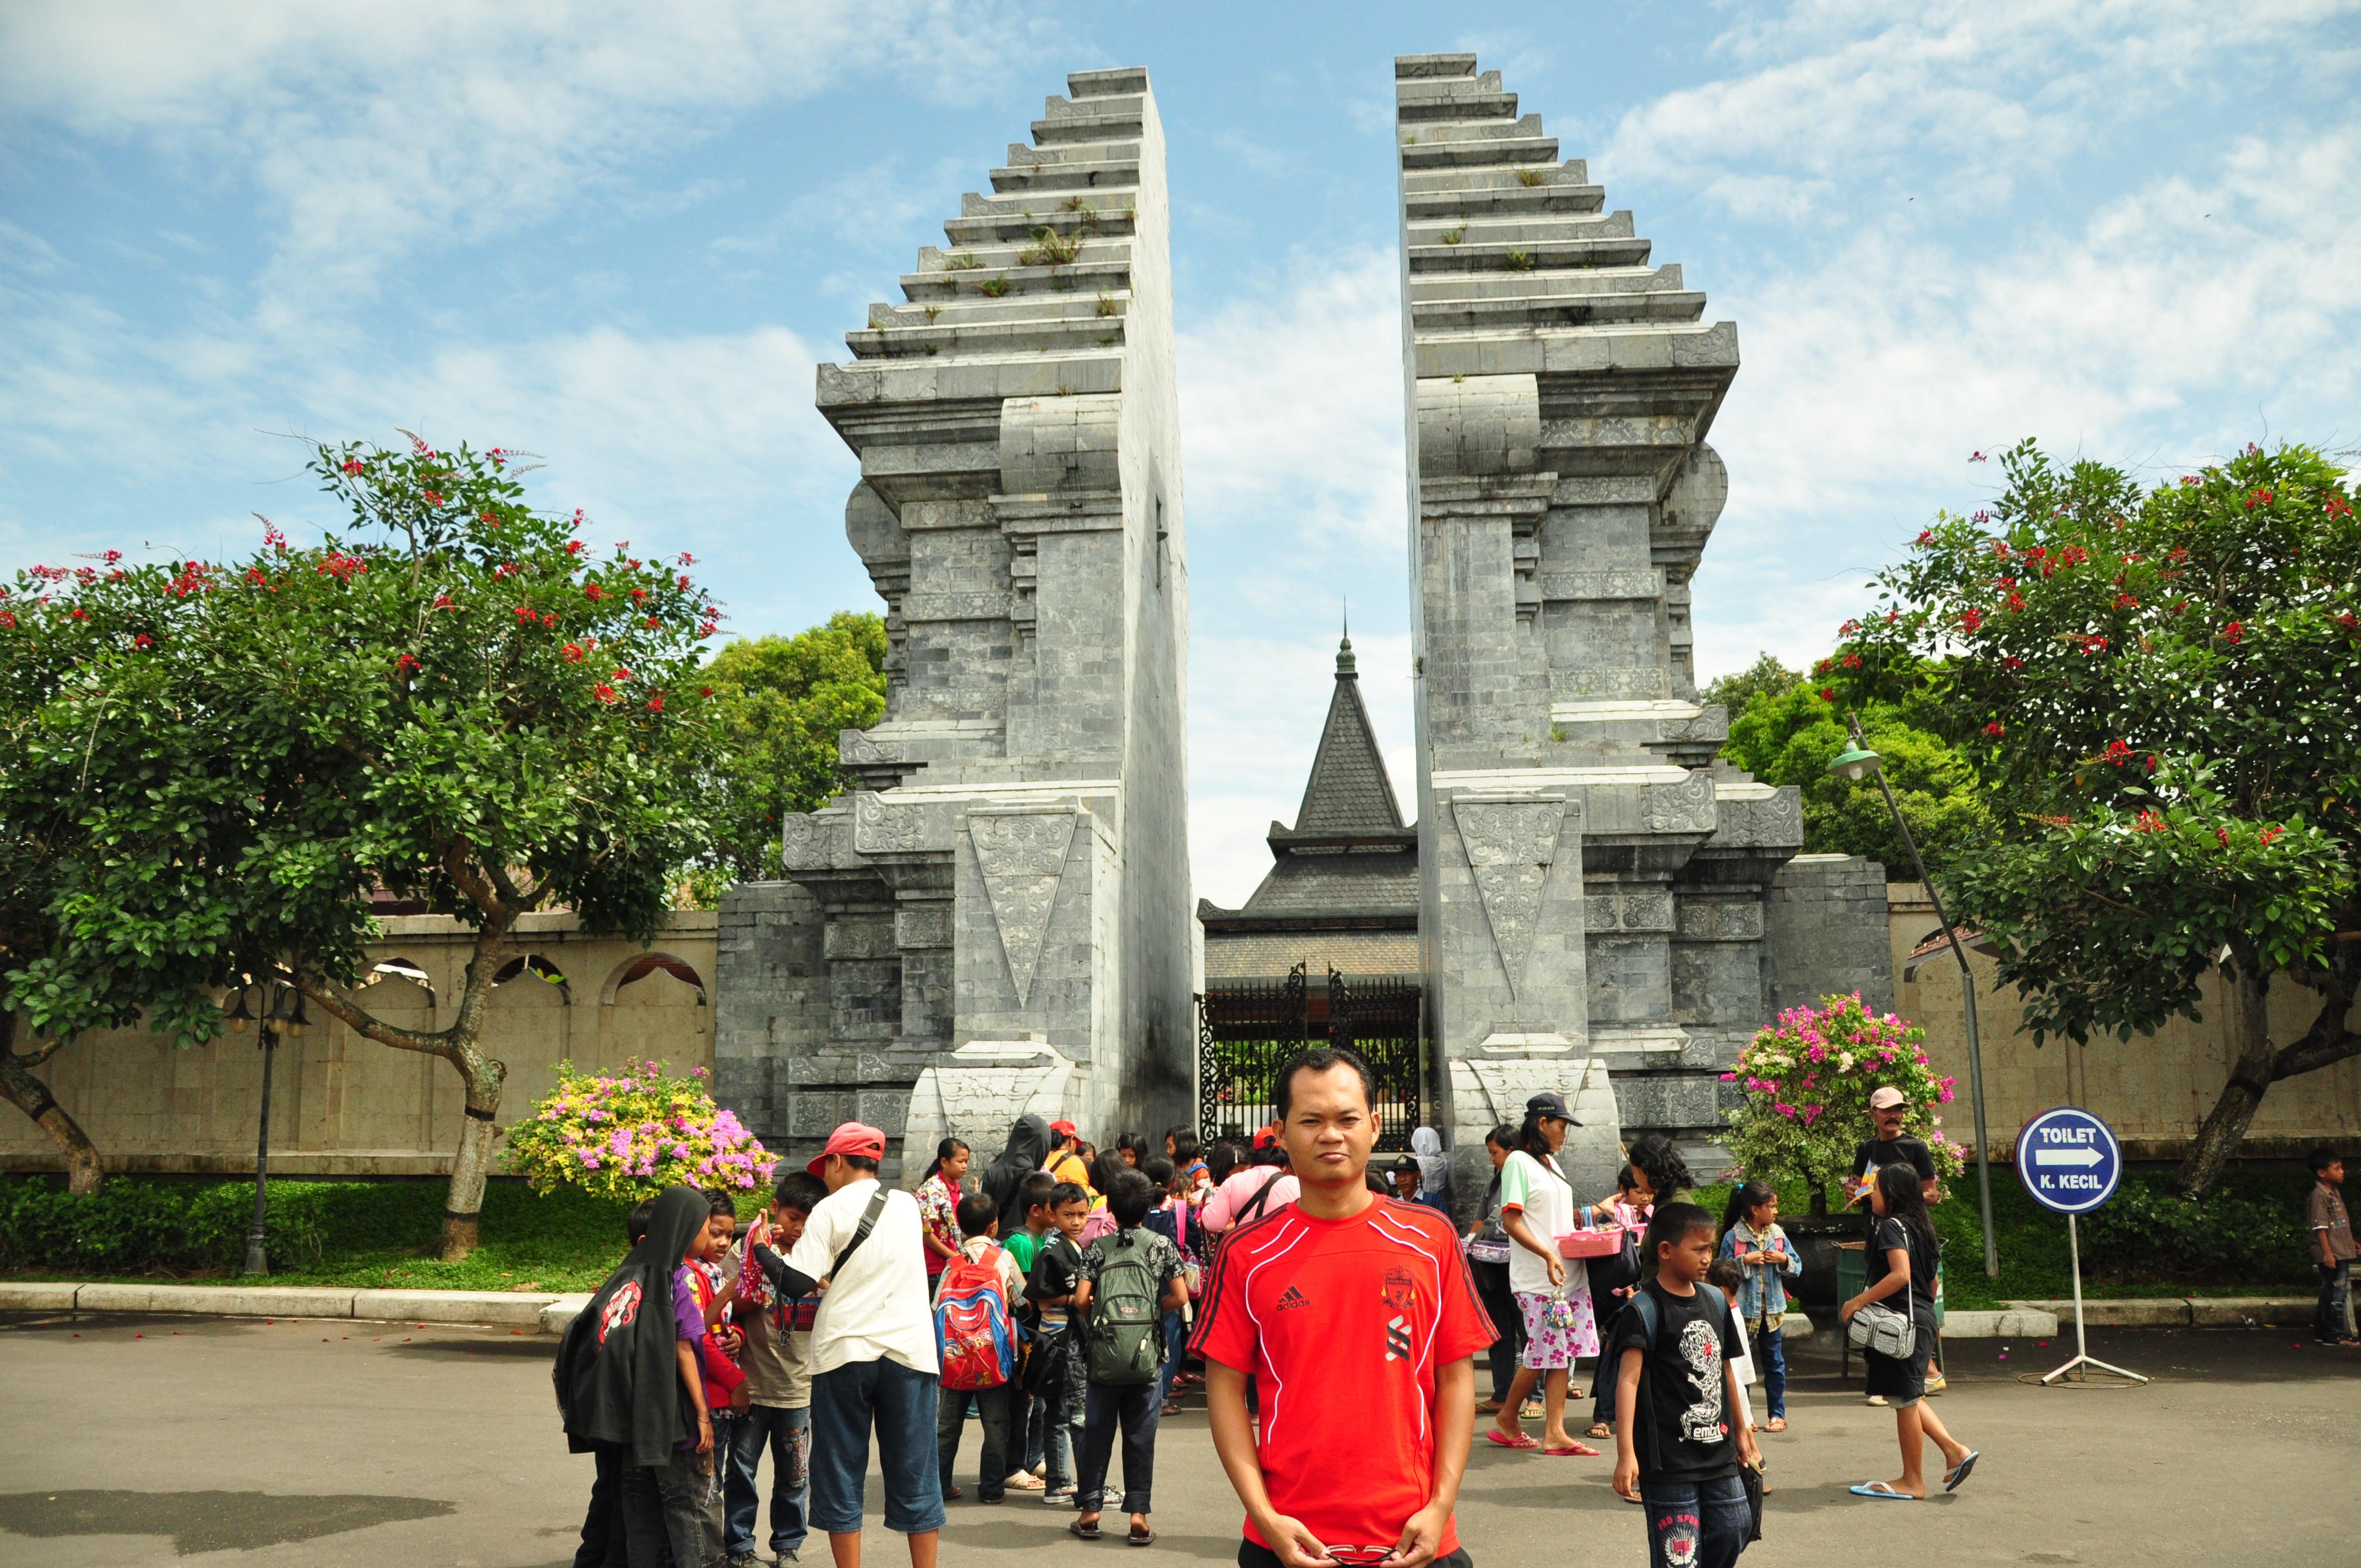 Wisata Kota Blitar Pecintawisata Perjalanan Monumen Peta Kab